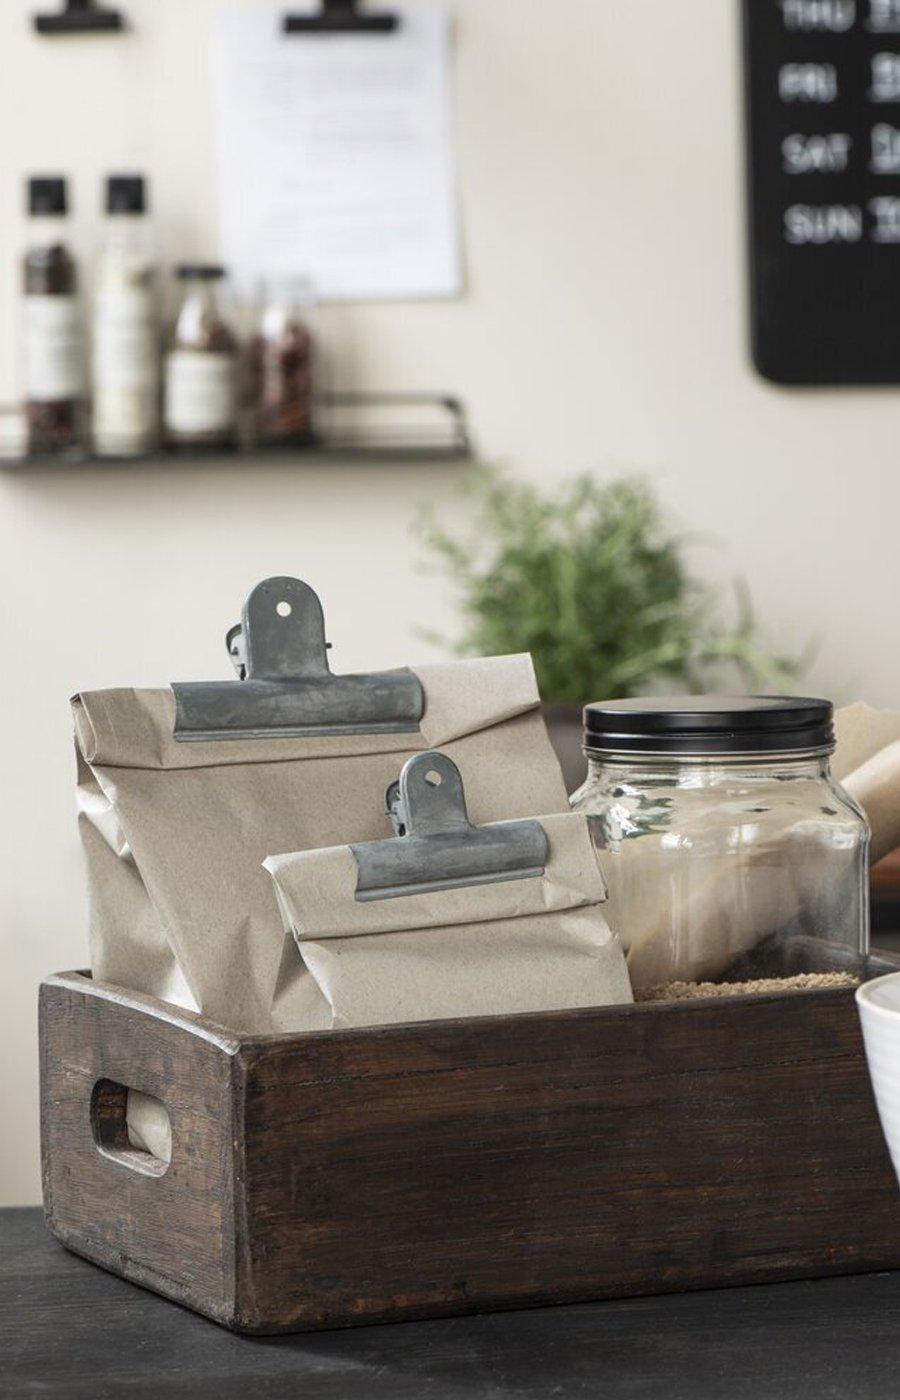 Küchenutensilien, Bild 1